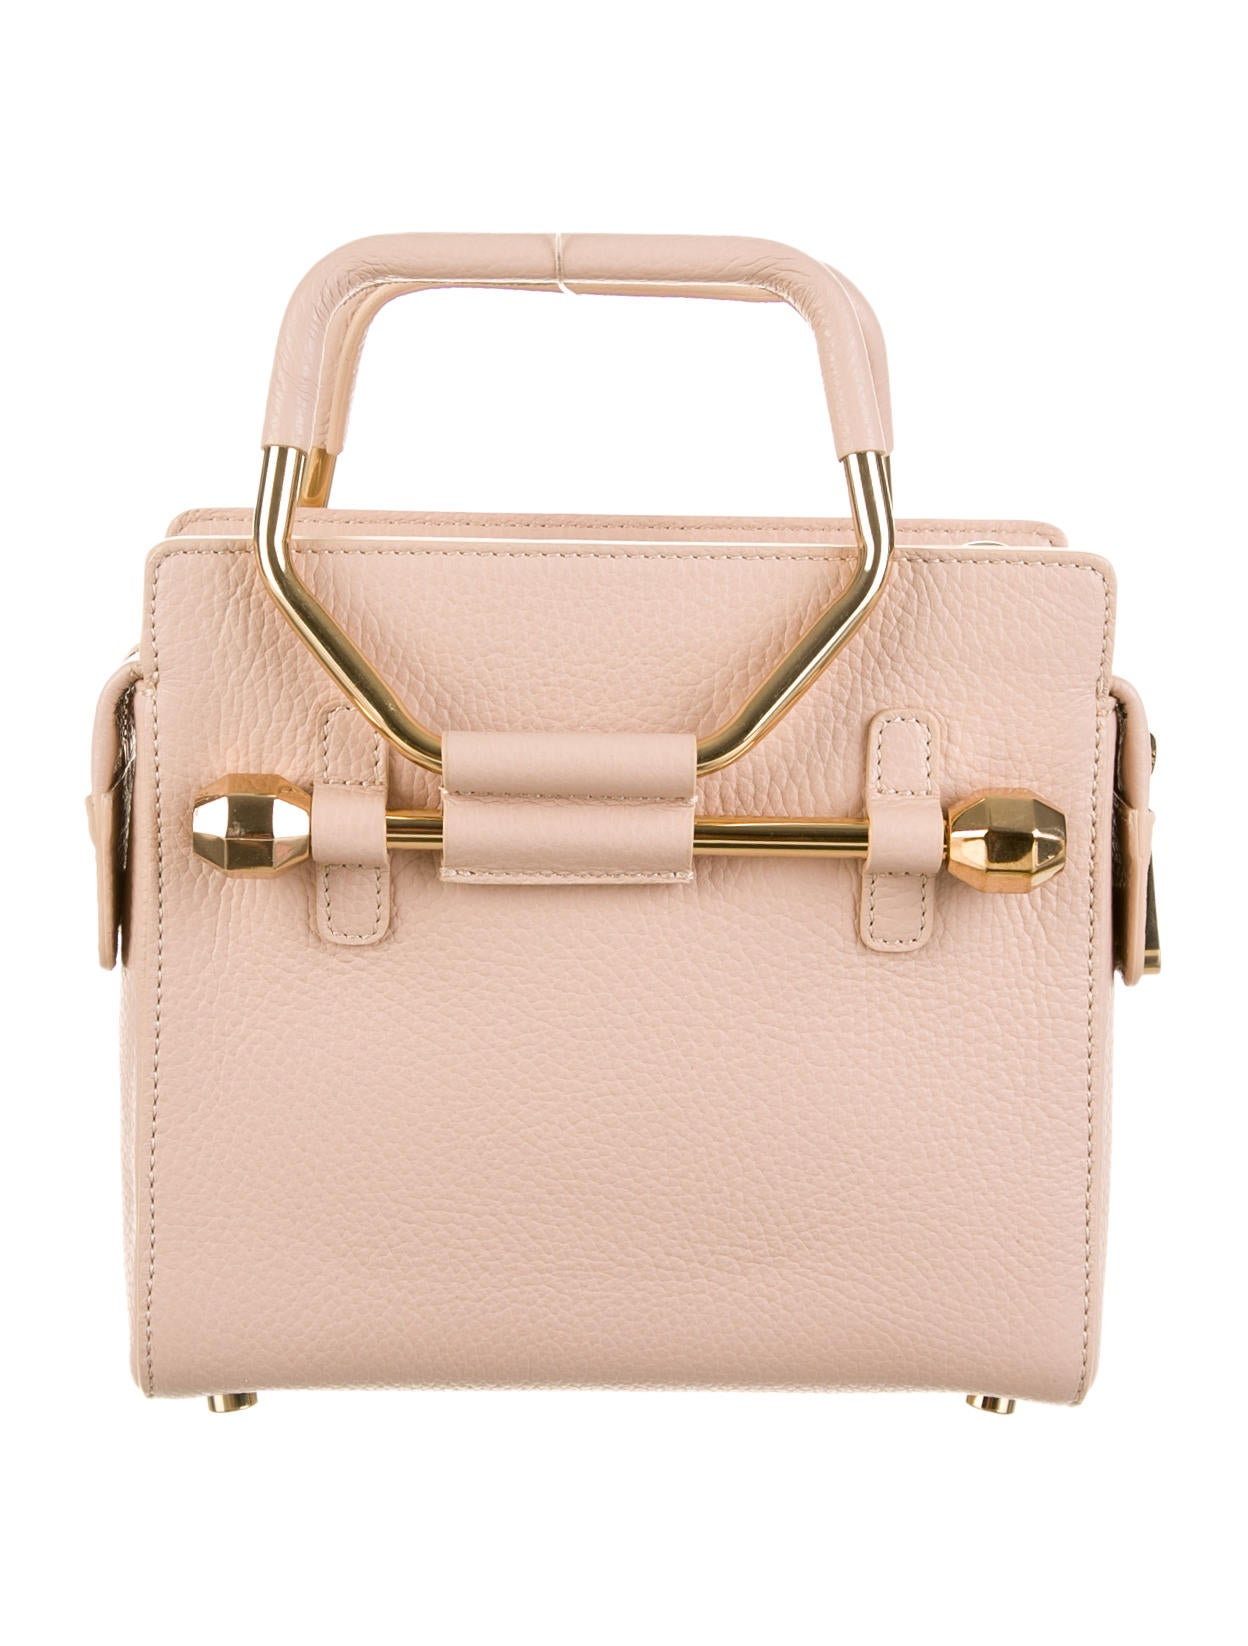 Viktor & Rolf Bombette Bag - Handbags